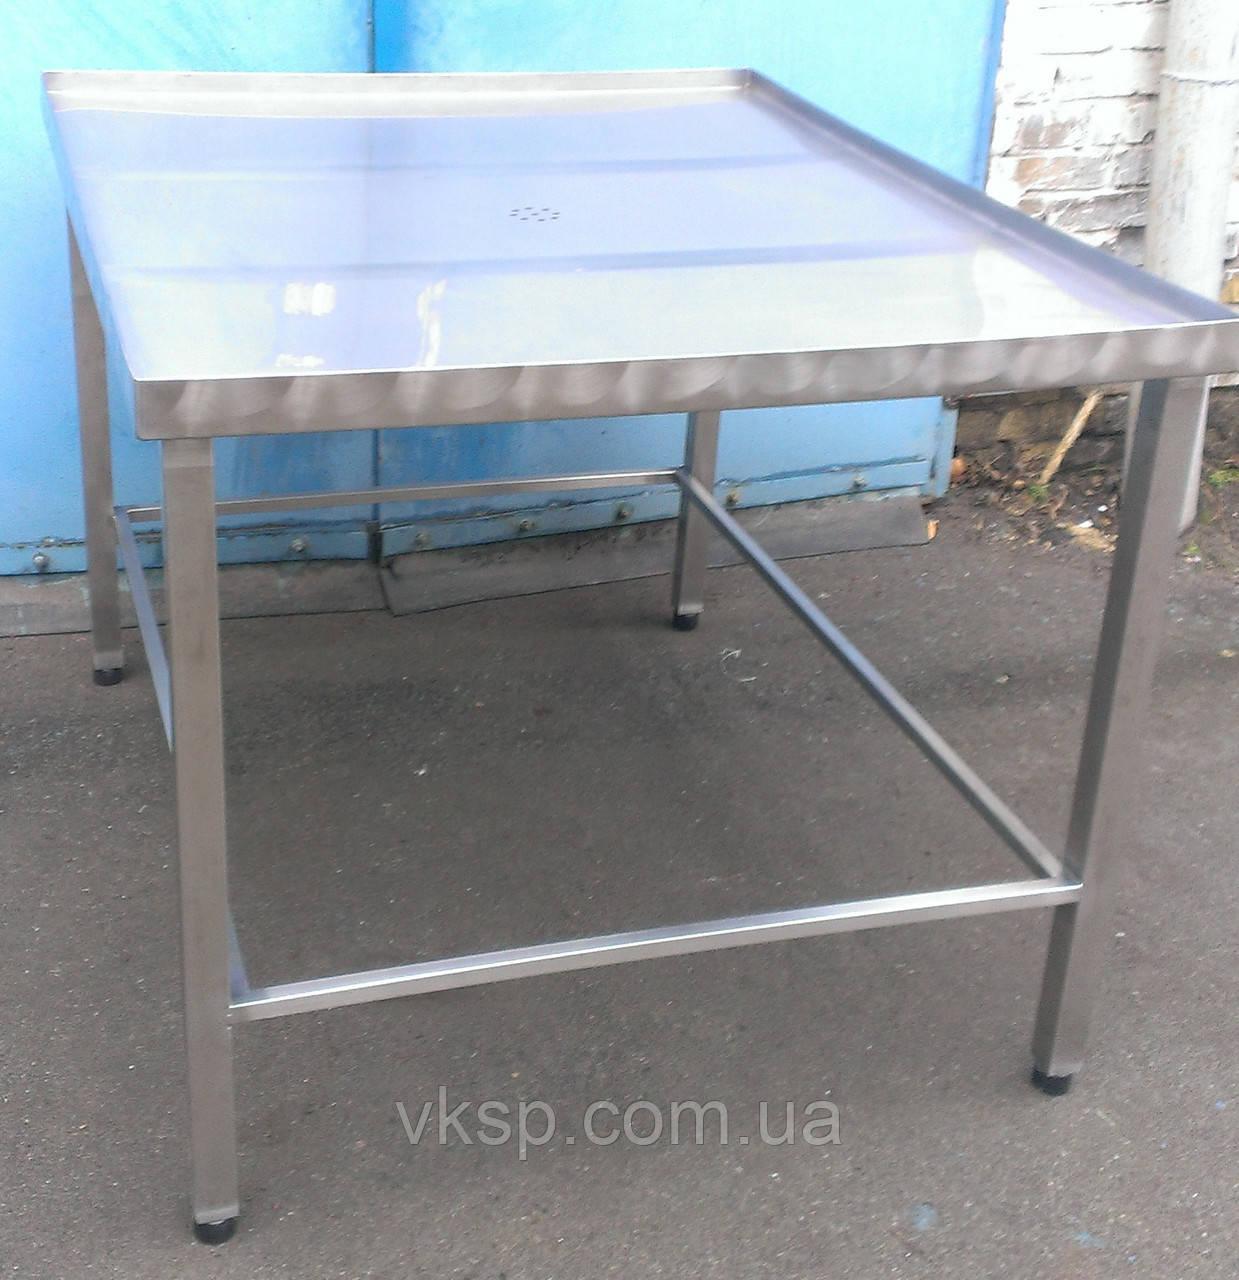 Стол для формовки 1000х1200 из нержавеющей стали